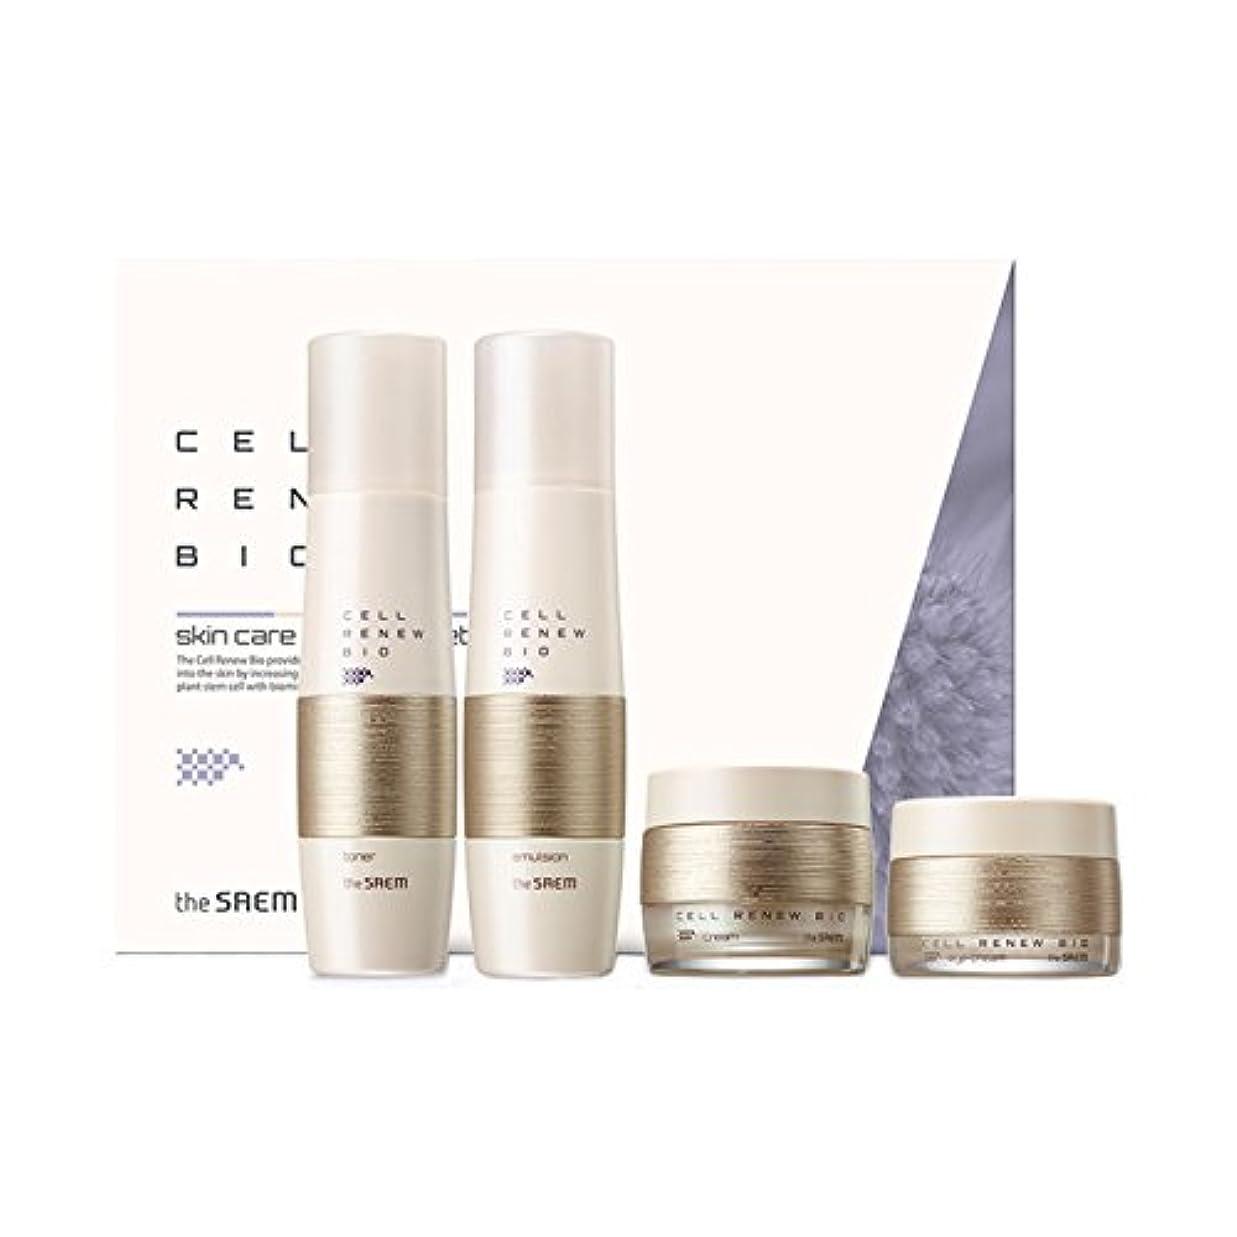 [ザセム] The Saem セルリニュー バイオ スキンケア スペシャル 3点 セット Cell Renew Bio Skin Care Special 3 Set (海外直送品) [並行輸入品]